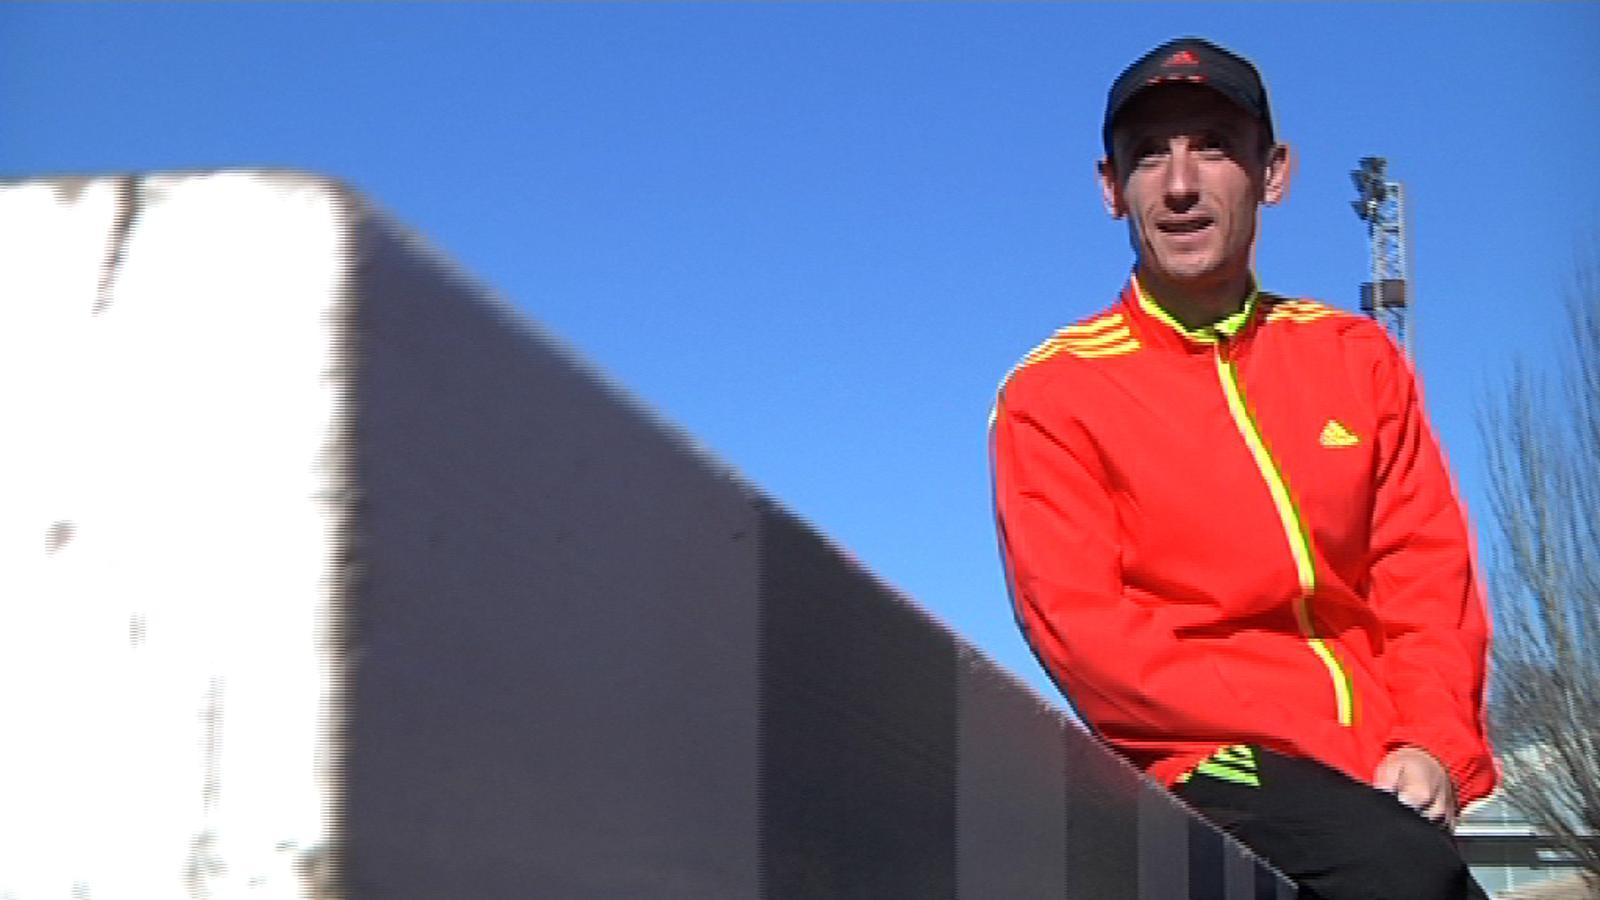 Carles Castillejo, campió de la Mitja de Granollers: Quan prepares una marató has de ser com una formiga i reservar energia